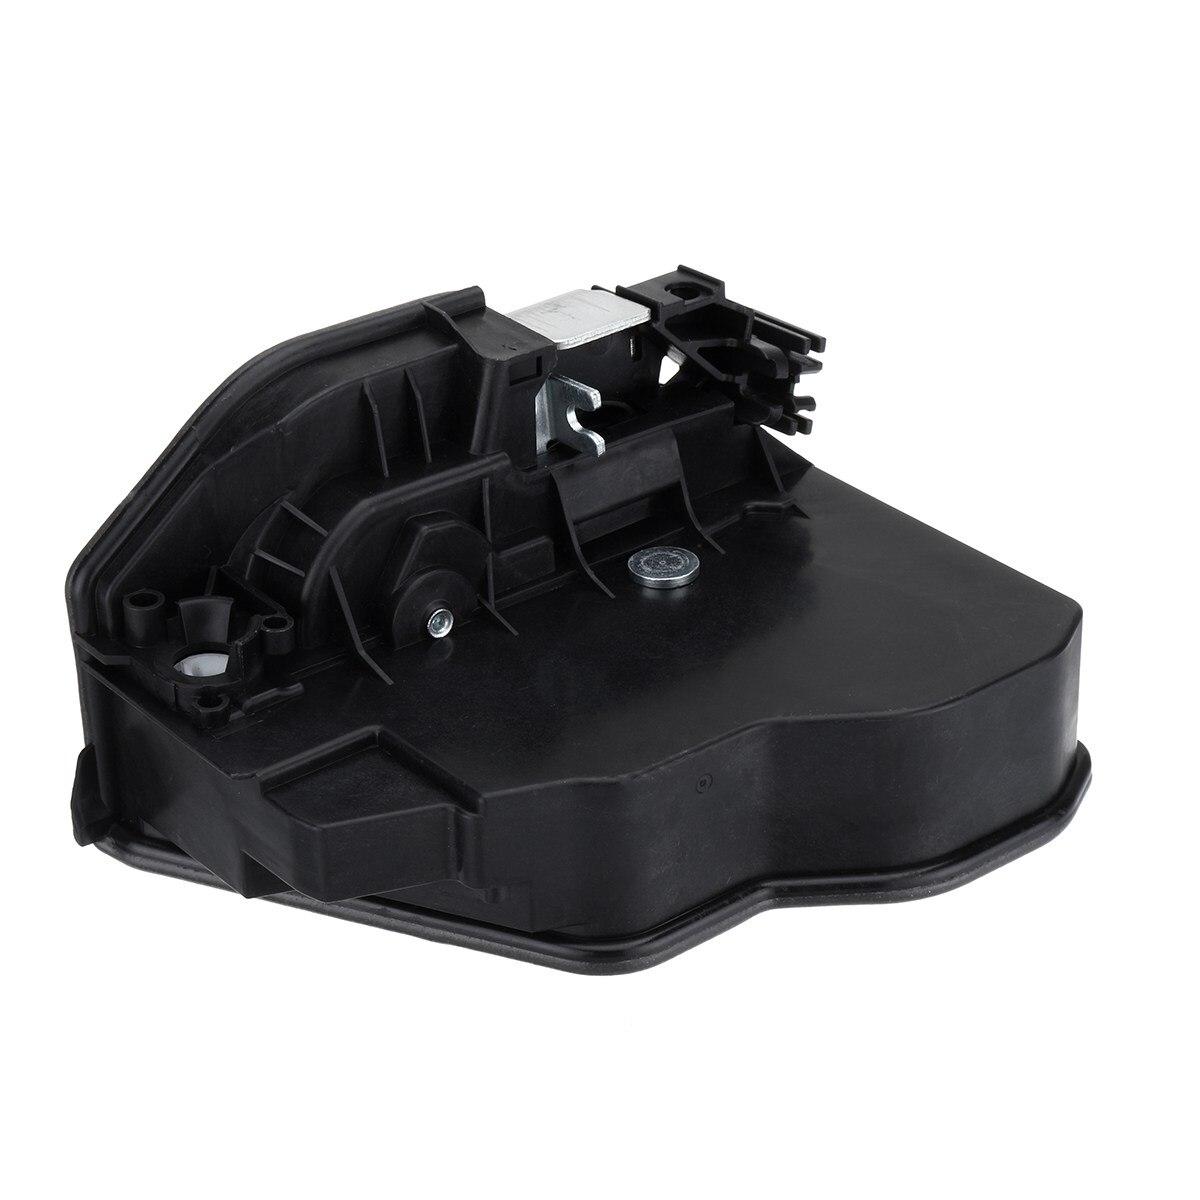 Actionneur électrique de verrou de porte de puissance pour BMW X6 E60 E70 E90 OEM 51217202143 51217202146 51227202147 51227202148 - 4